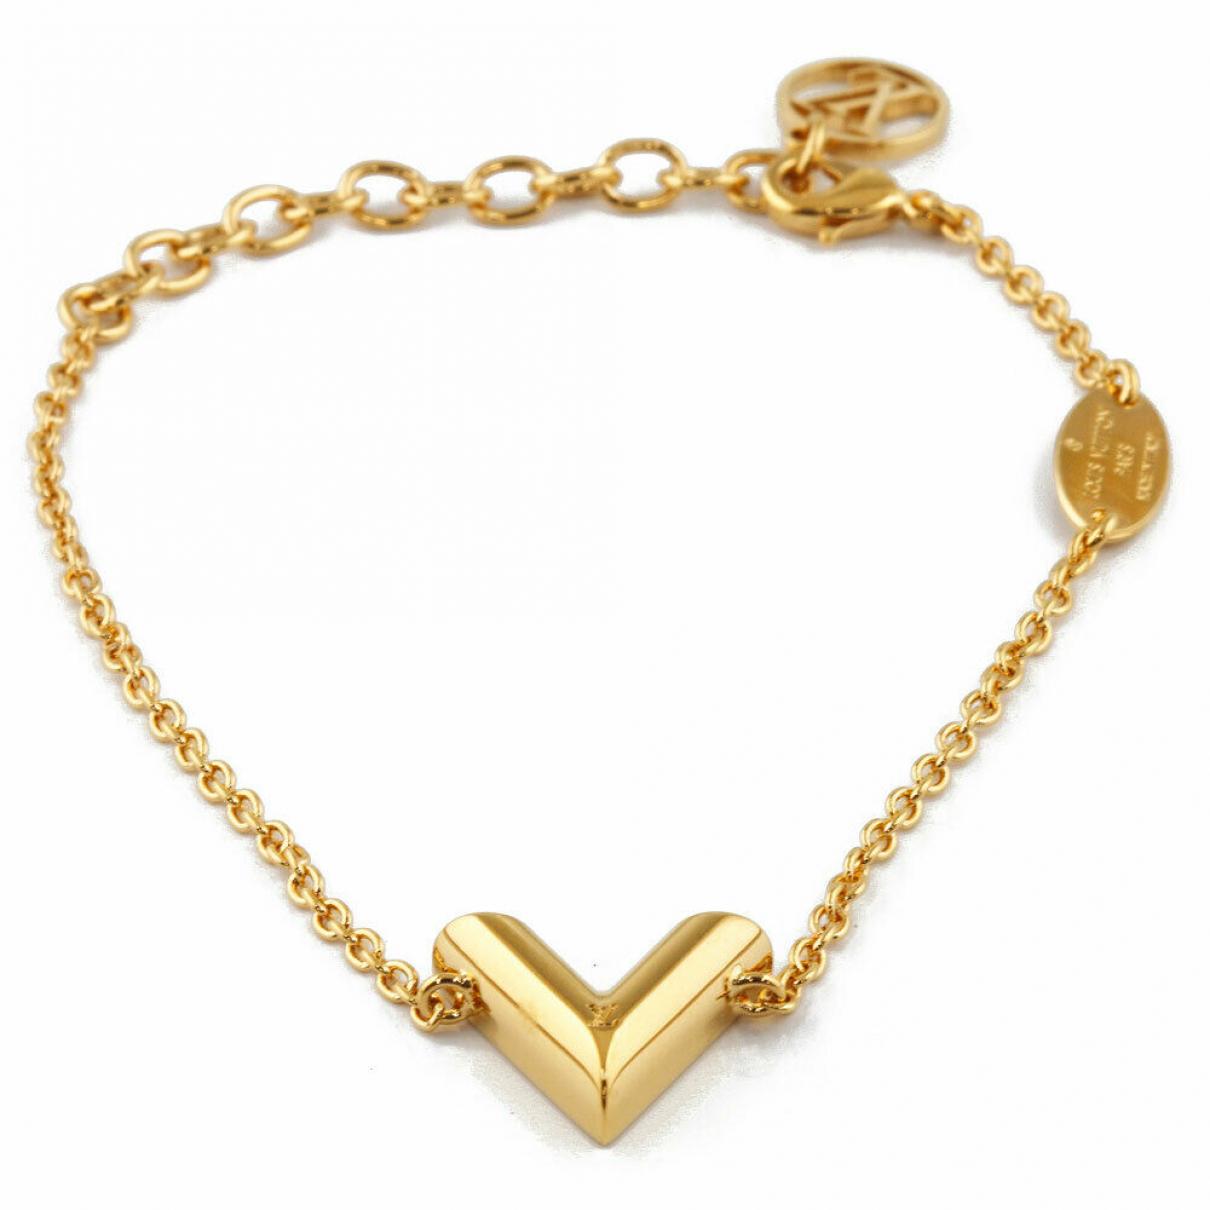 Louis Vuitton - Bracelet   pour femme en or jaune